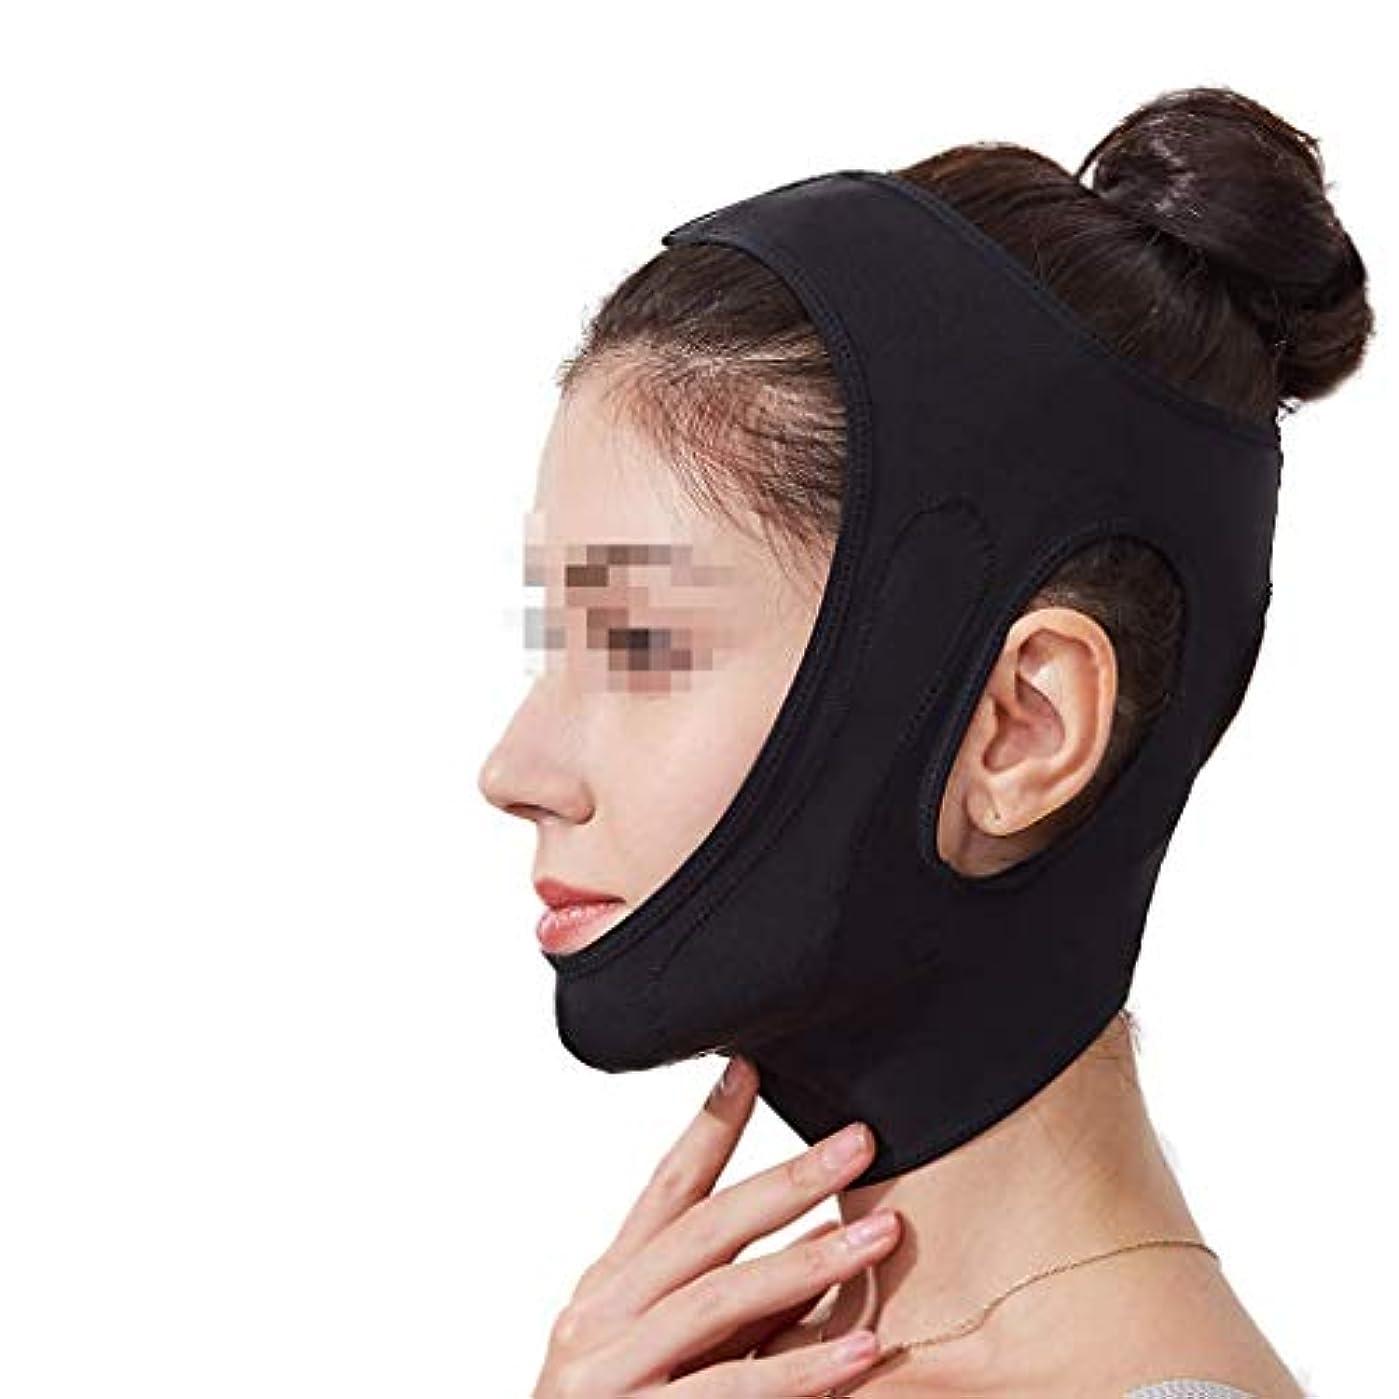 クラックたとえ吐くフェイスリフティング包帯、フェイスマスクフェイスリフトチン快適なフェイスマルチカラーオプション(カラー:ブラック),ブラック